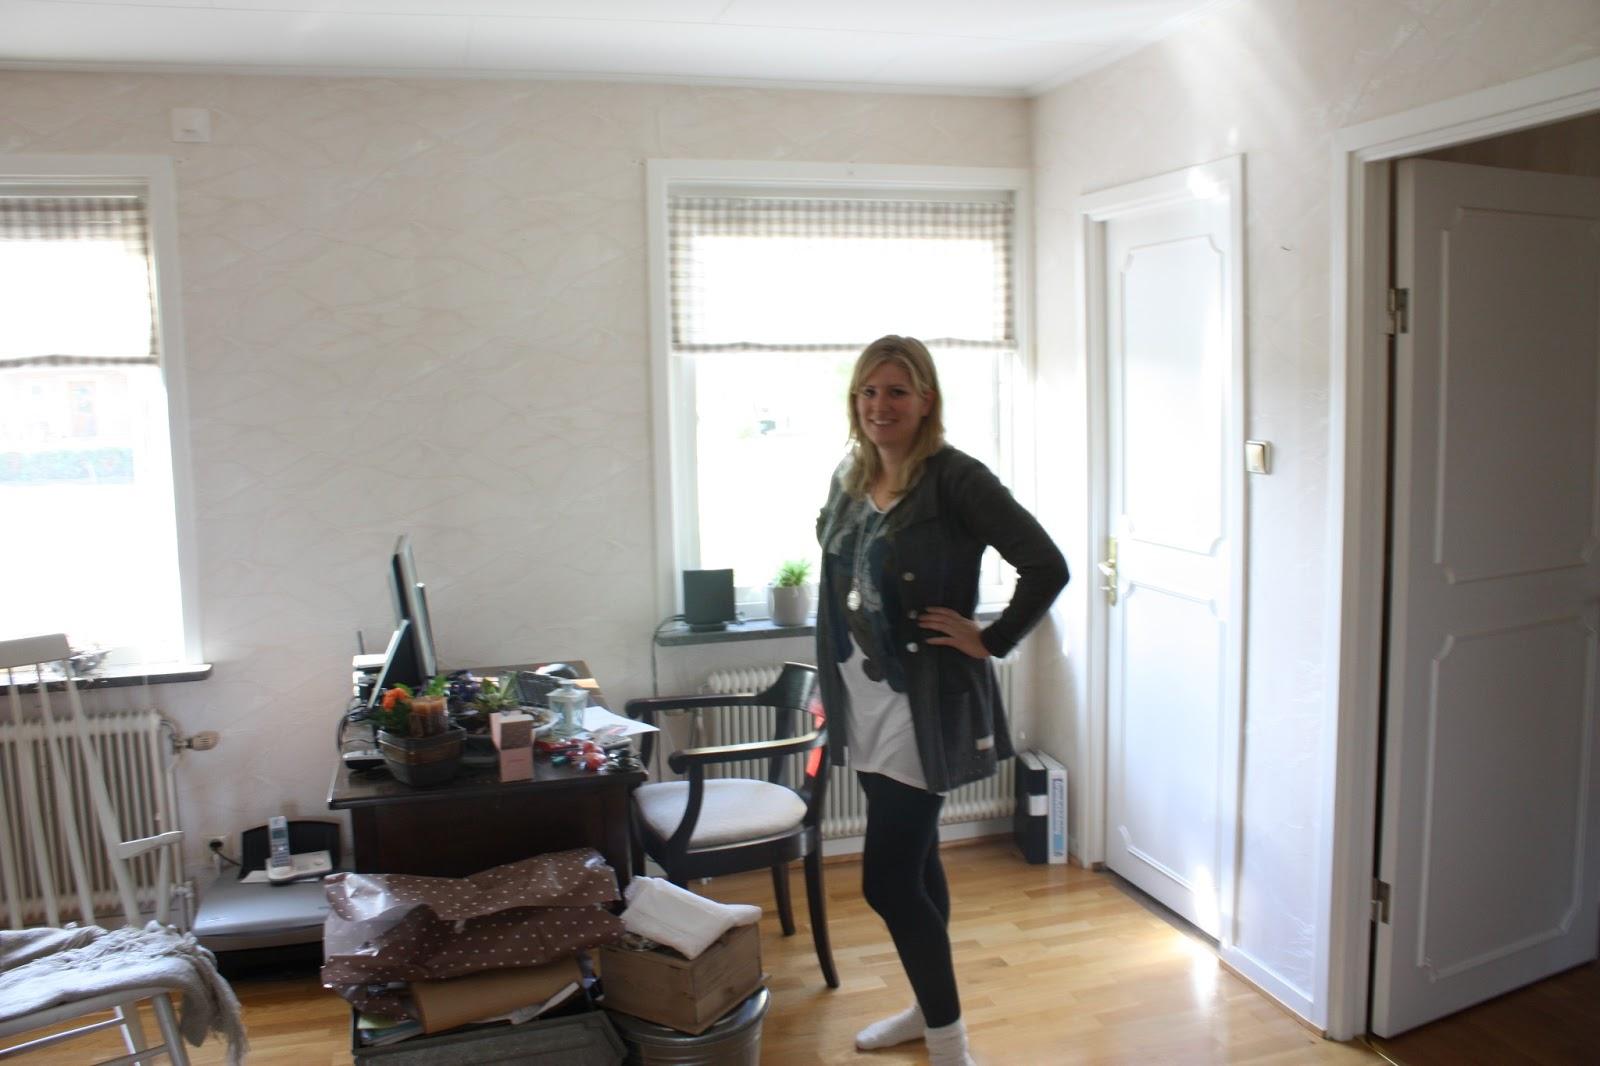 Annas skattkammare: min inredningsresa  kontoret